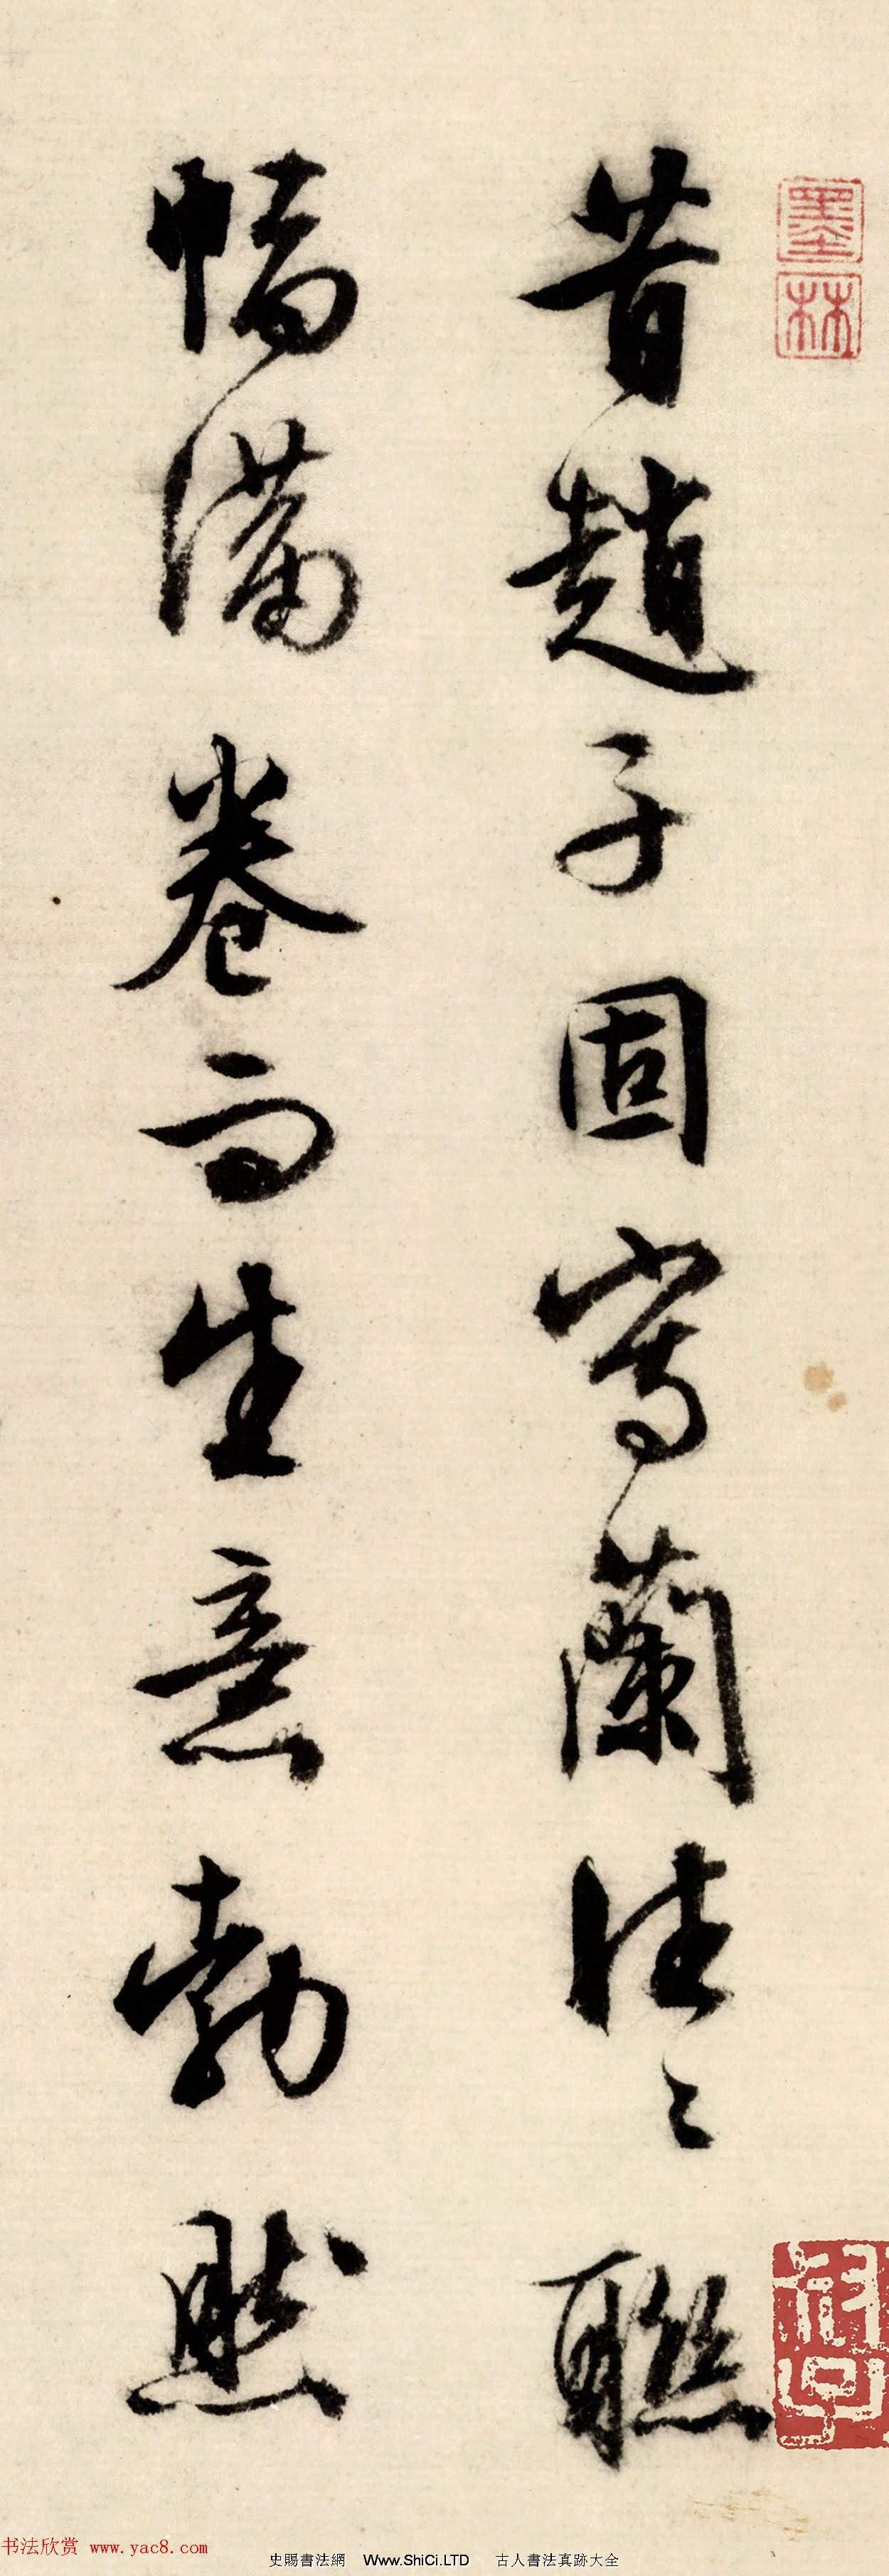 文征明行書自題漪蘭竹石圖